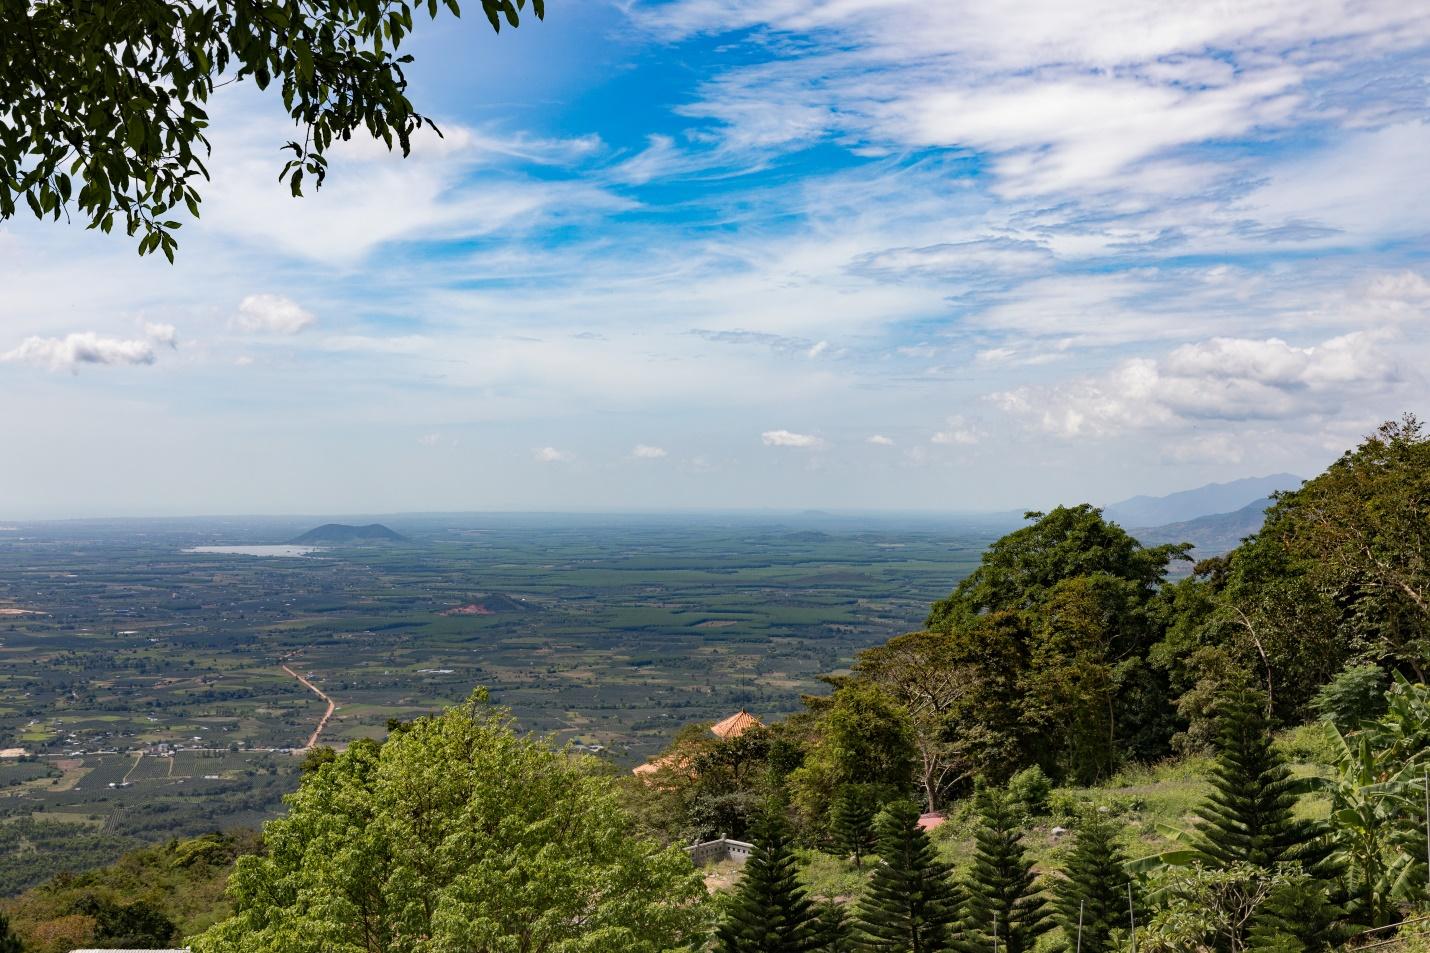 Ngắm nhìn toàn cảnh Bình Thuận với mây trời bàng bạc từ đỉnh Nọc Trù.